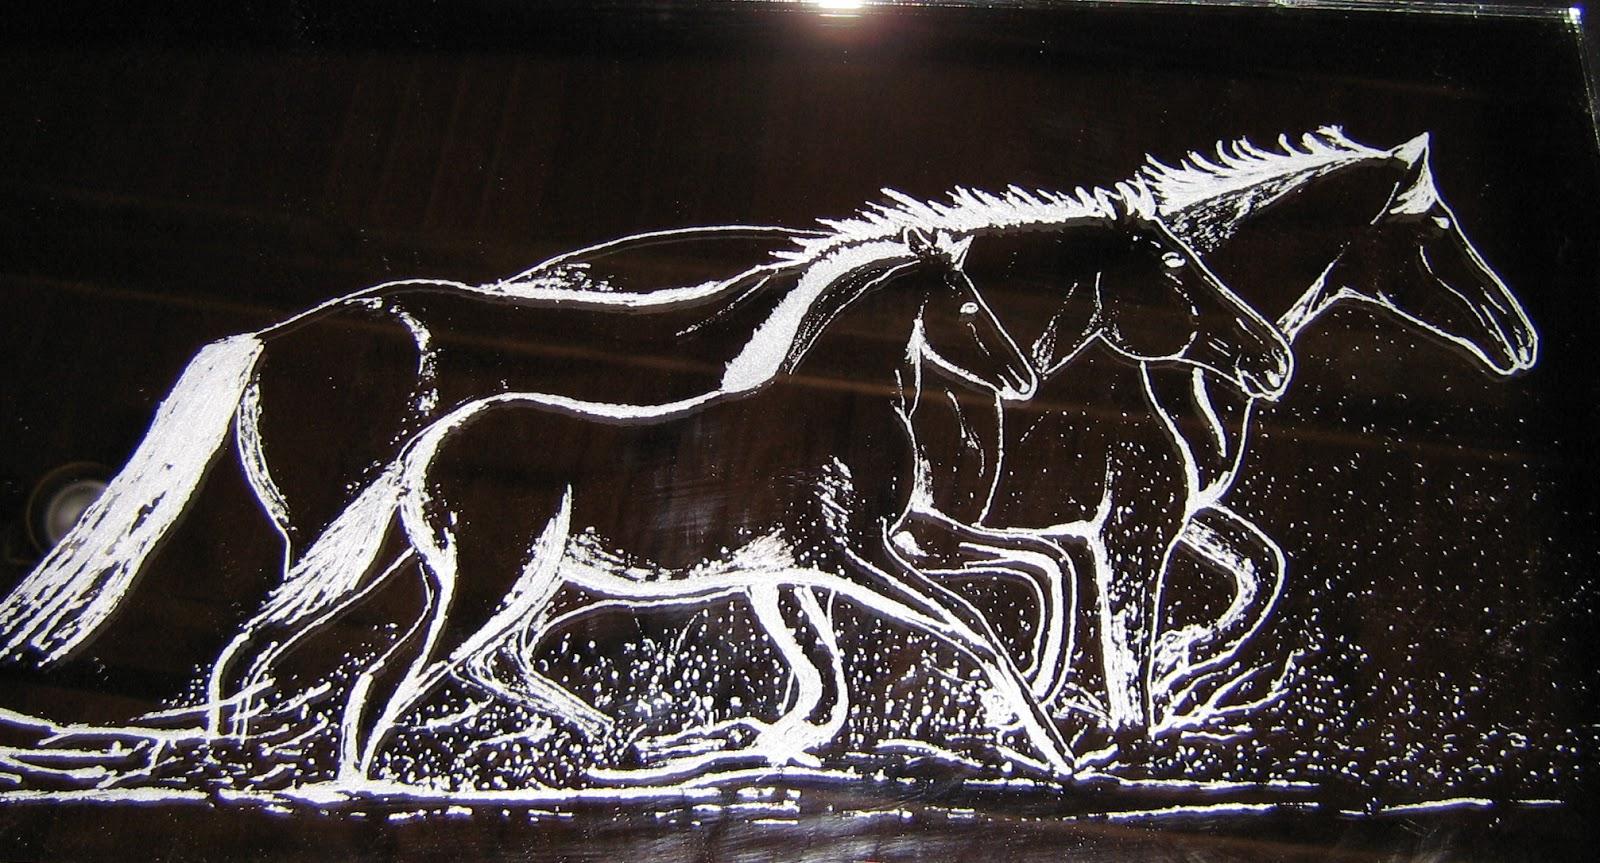 Gravures Sur Verre à montfrialoux gravure, expo de gravure sur verre: chevaux